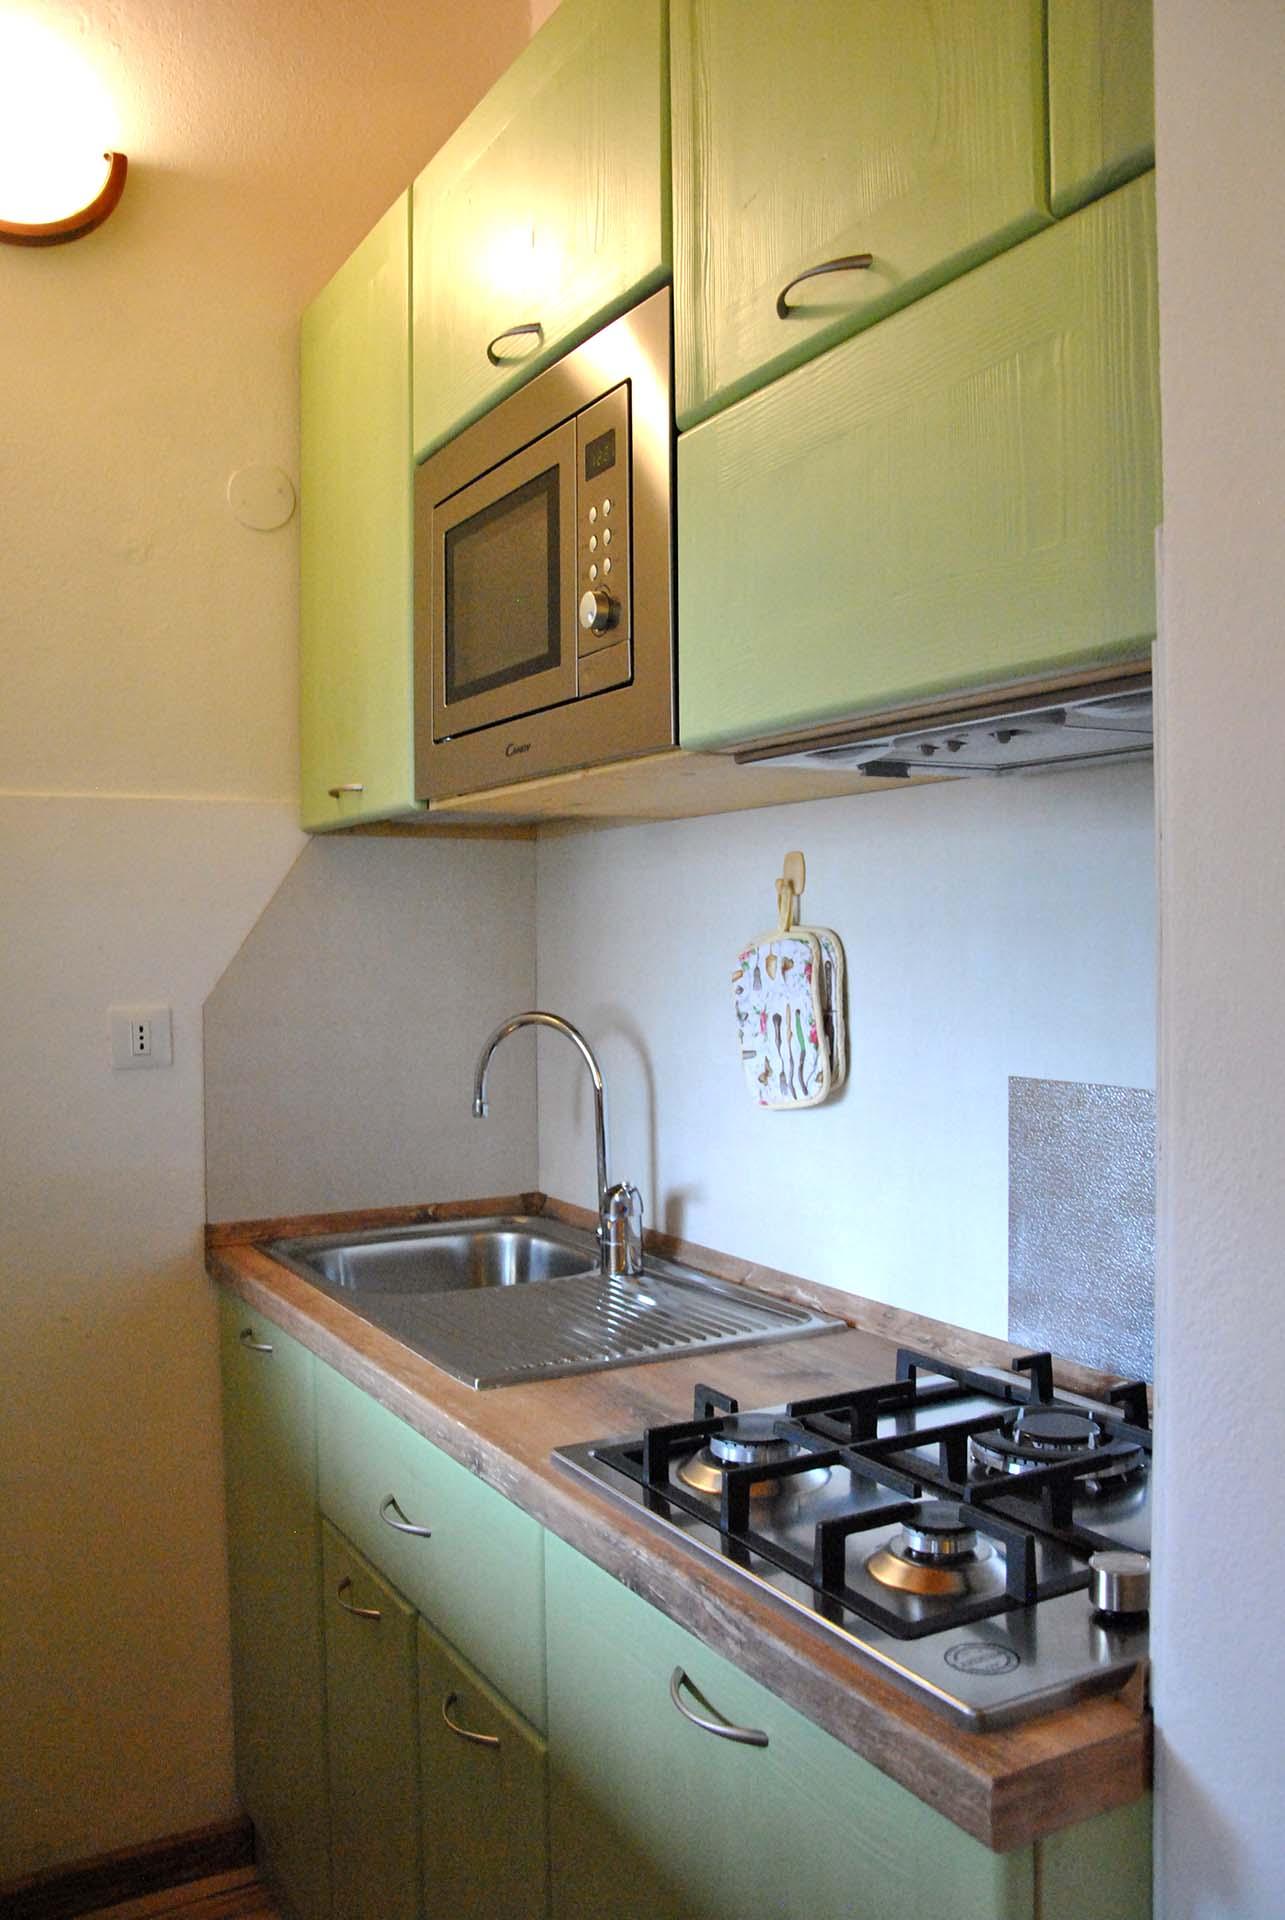 CIRMOLO - Cucina